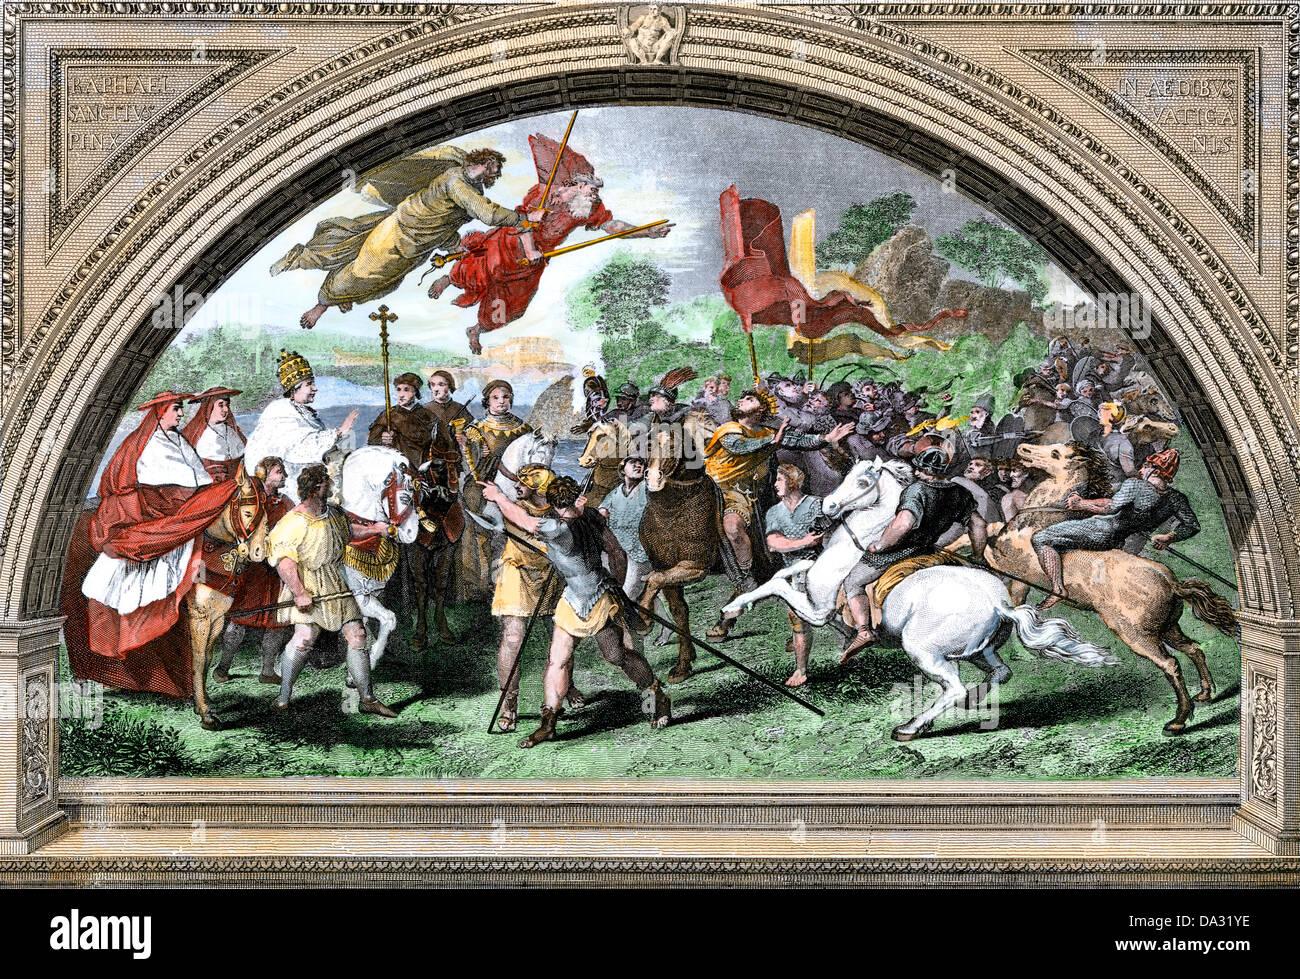 Attila und die Hunnen zu überwinden, die durch die Kräfte des Christentums. Hand - farbige Holzschnitt Stockbild